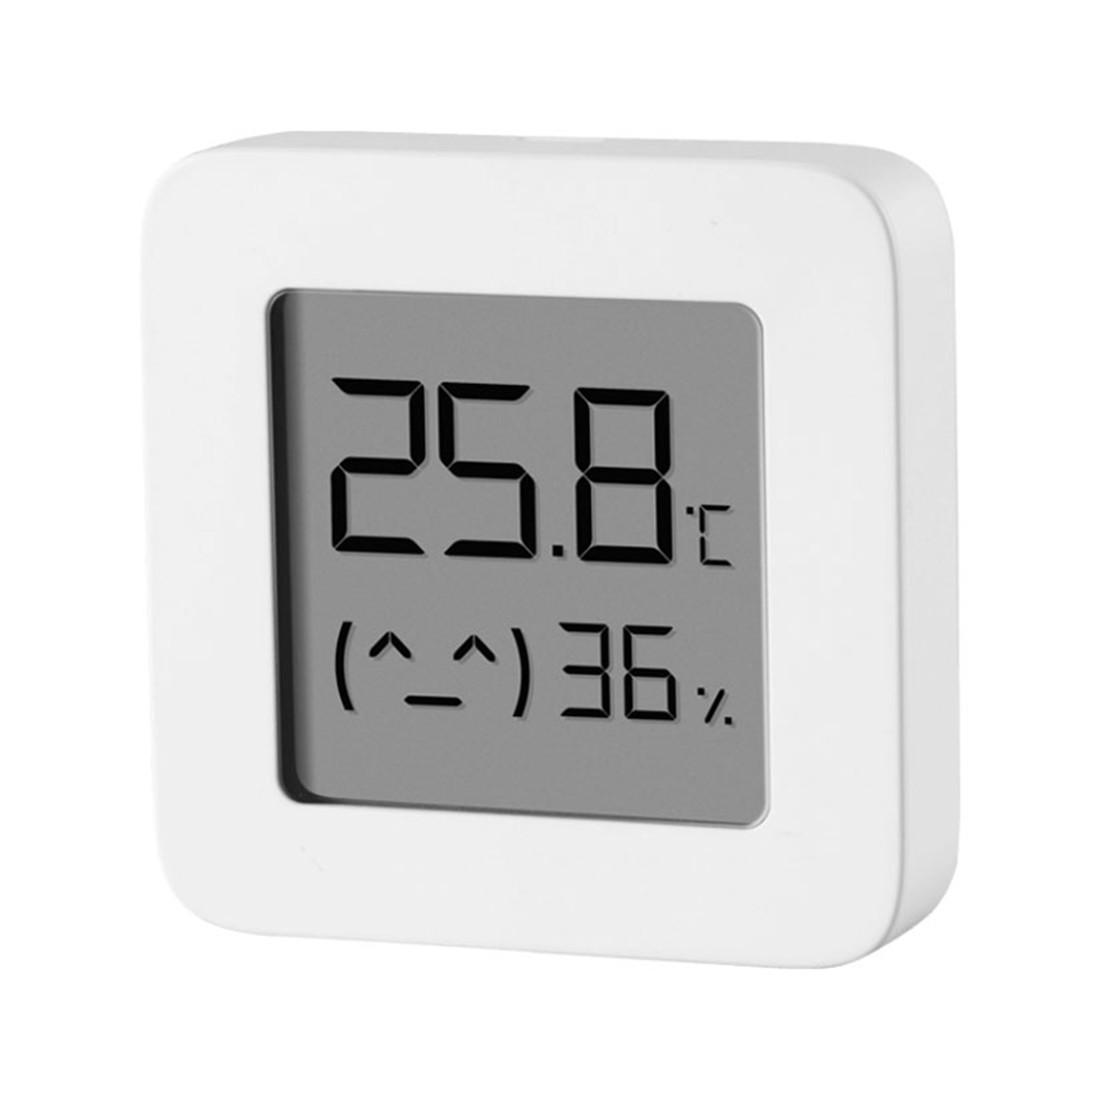 Датчик температуры и уровня влажности , Xiaomi, Mi Smart Home, NUN4013/NUN4019TY/NUN4126GL, Bluetooth, Белый